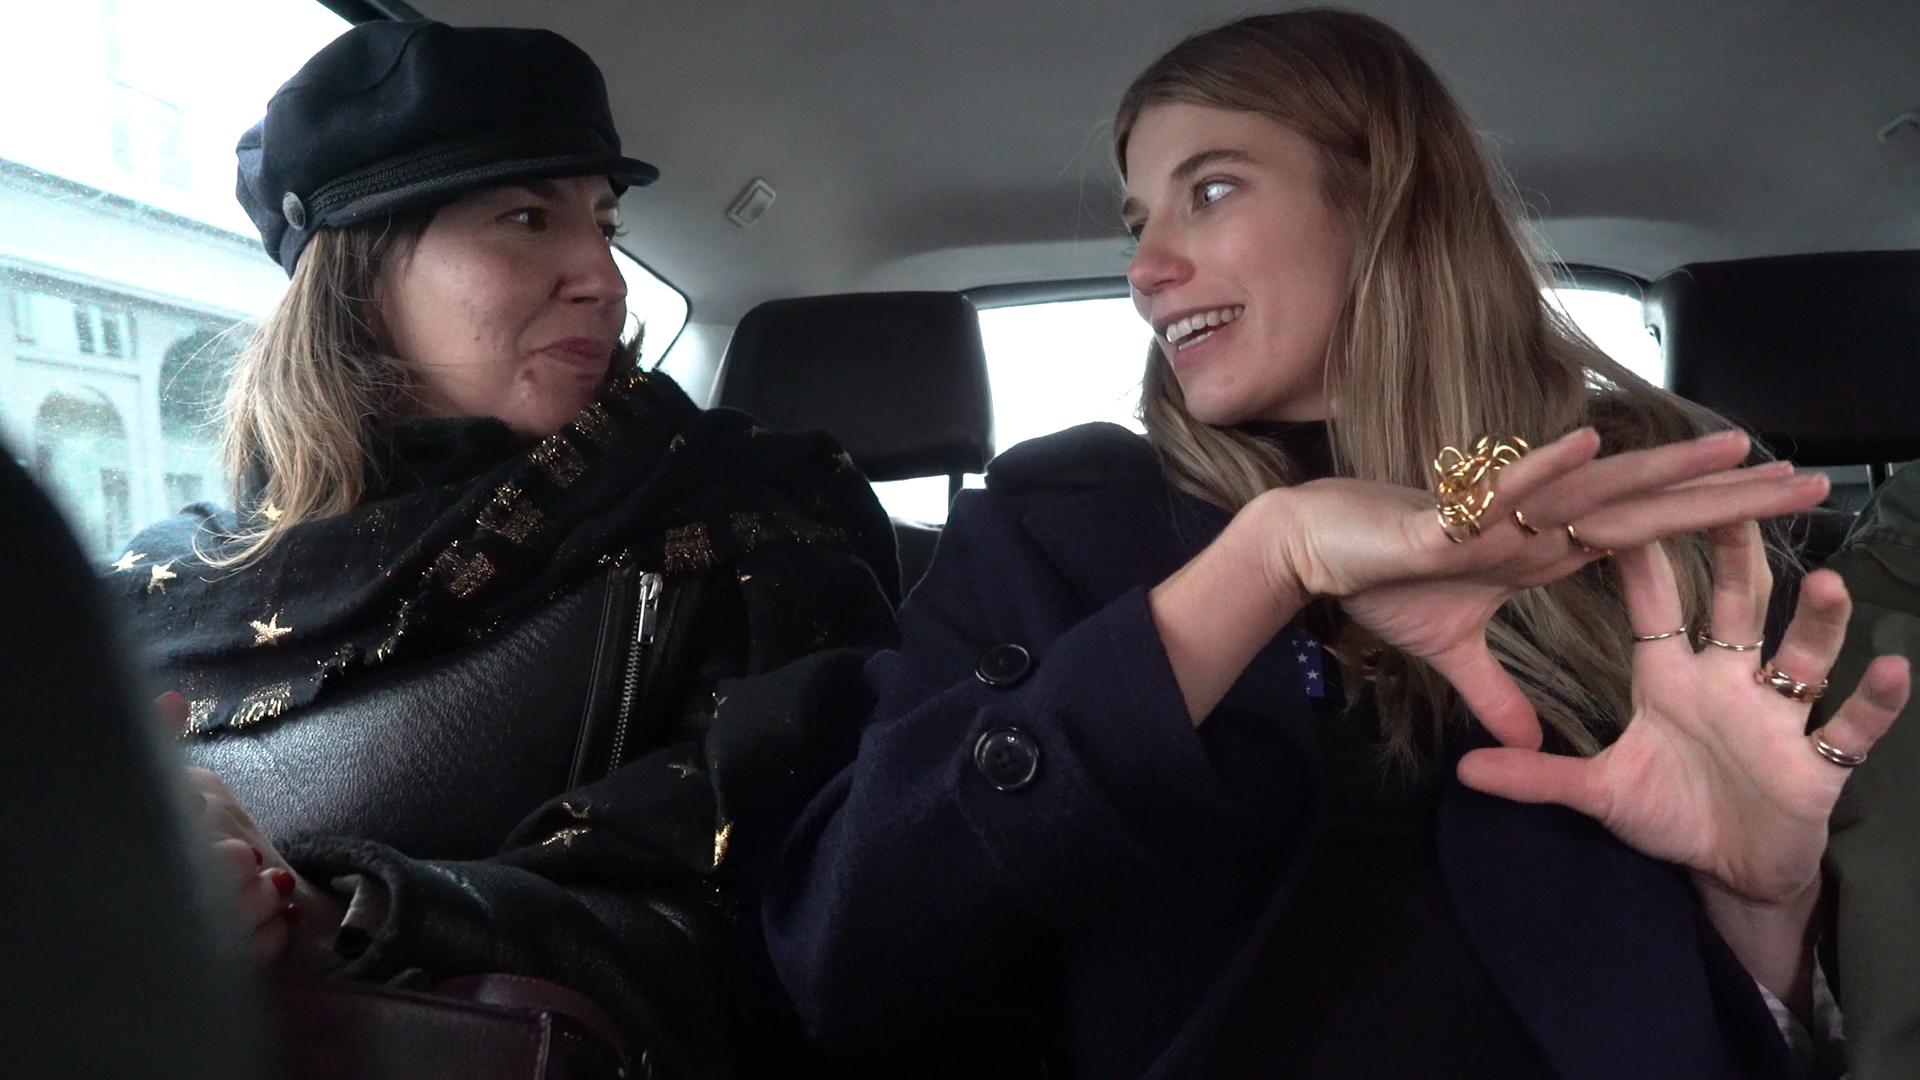 En el coche con Veronika Heilbrunner.